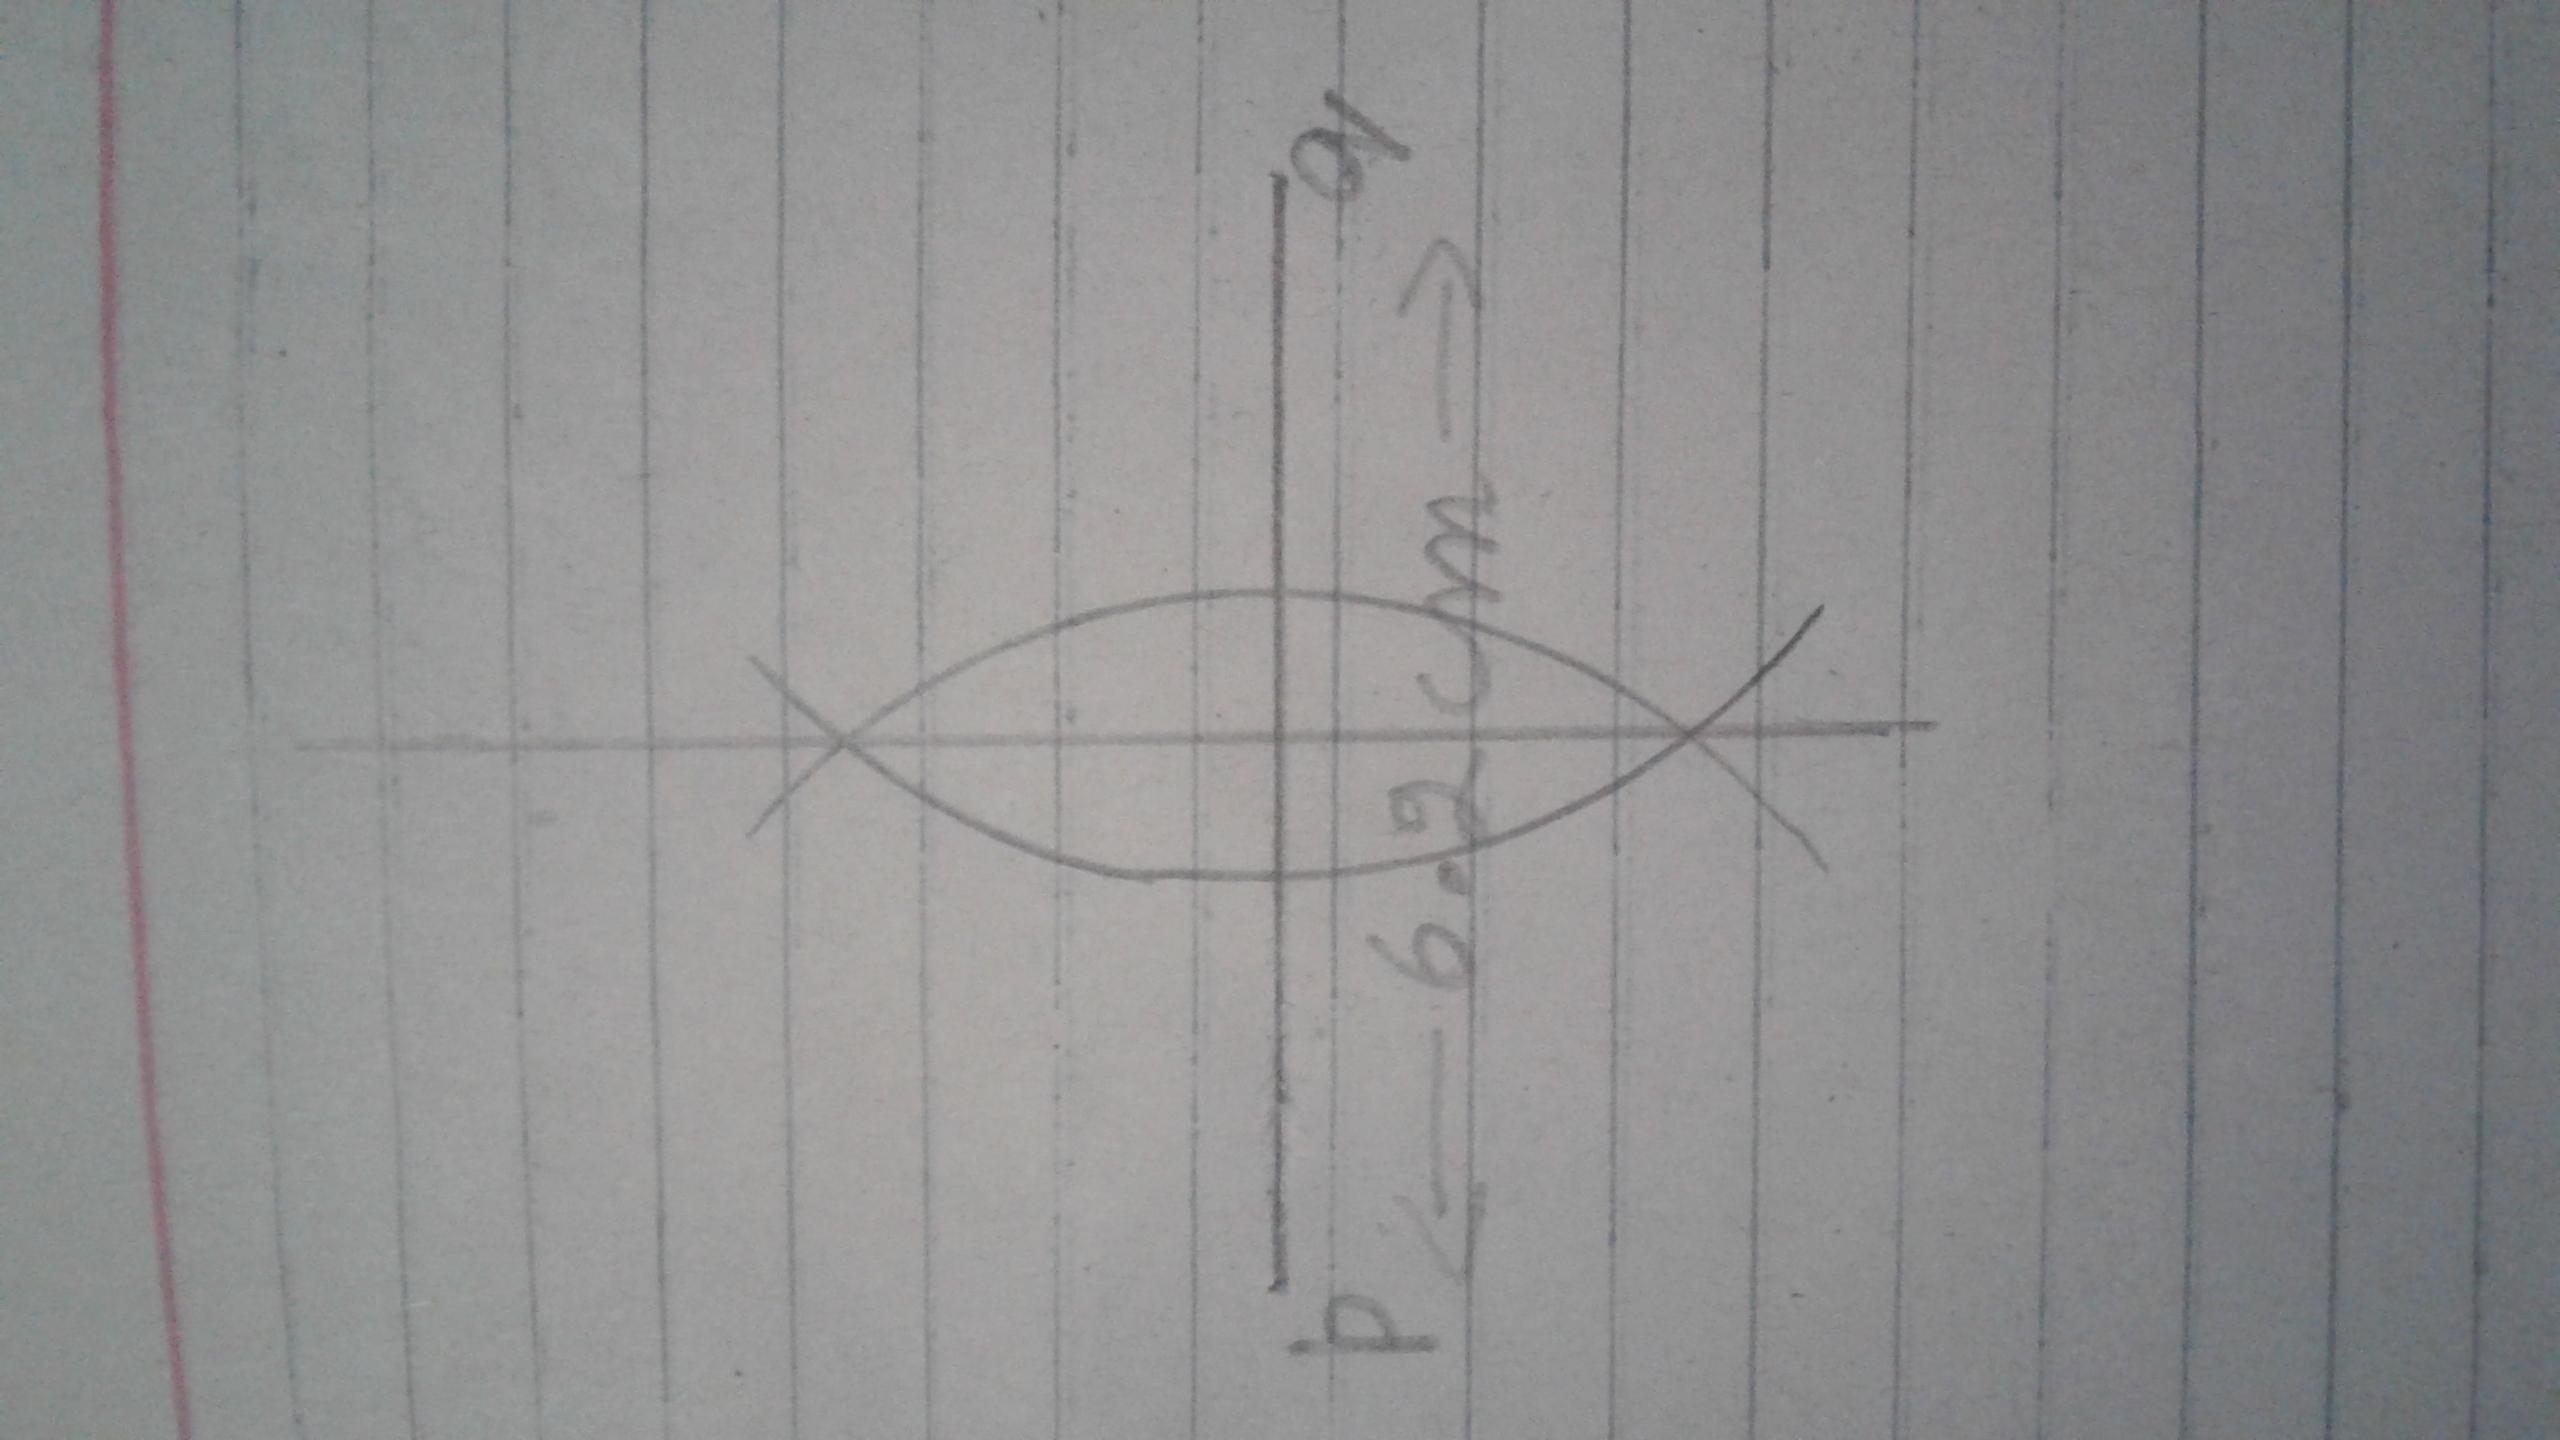 Draw A Line Segment Pq 6 2cm Draw The Perpendicular